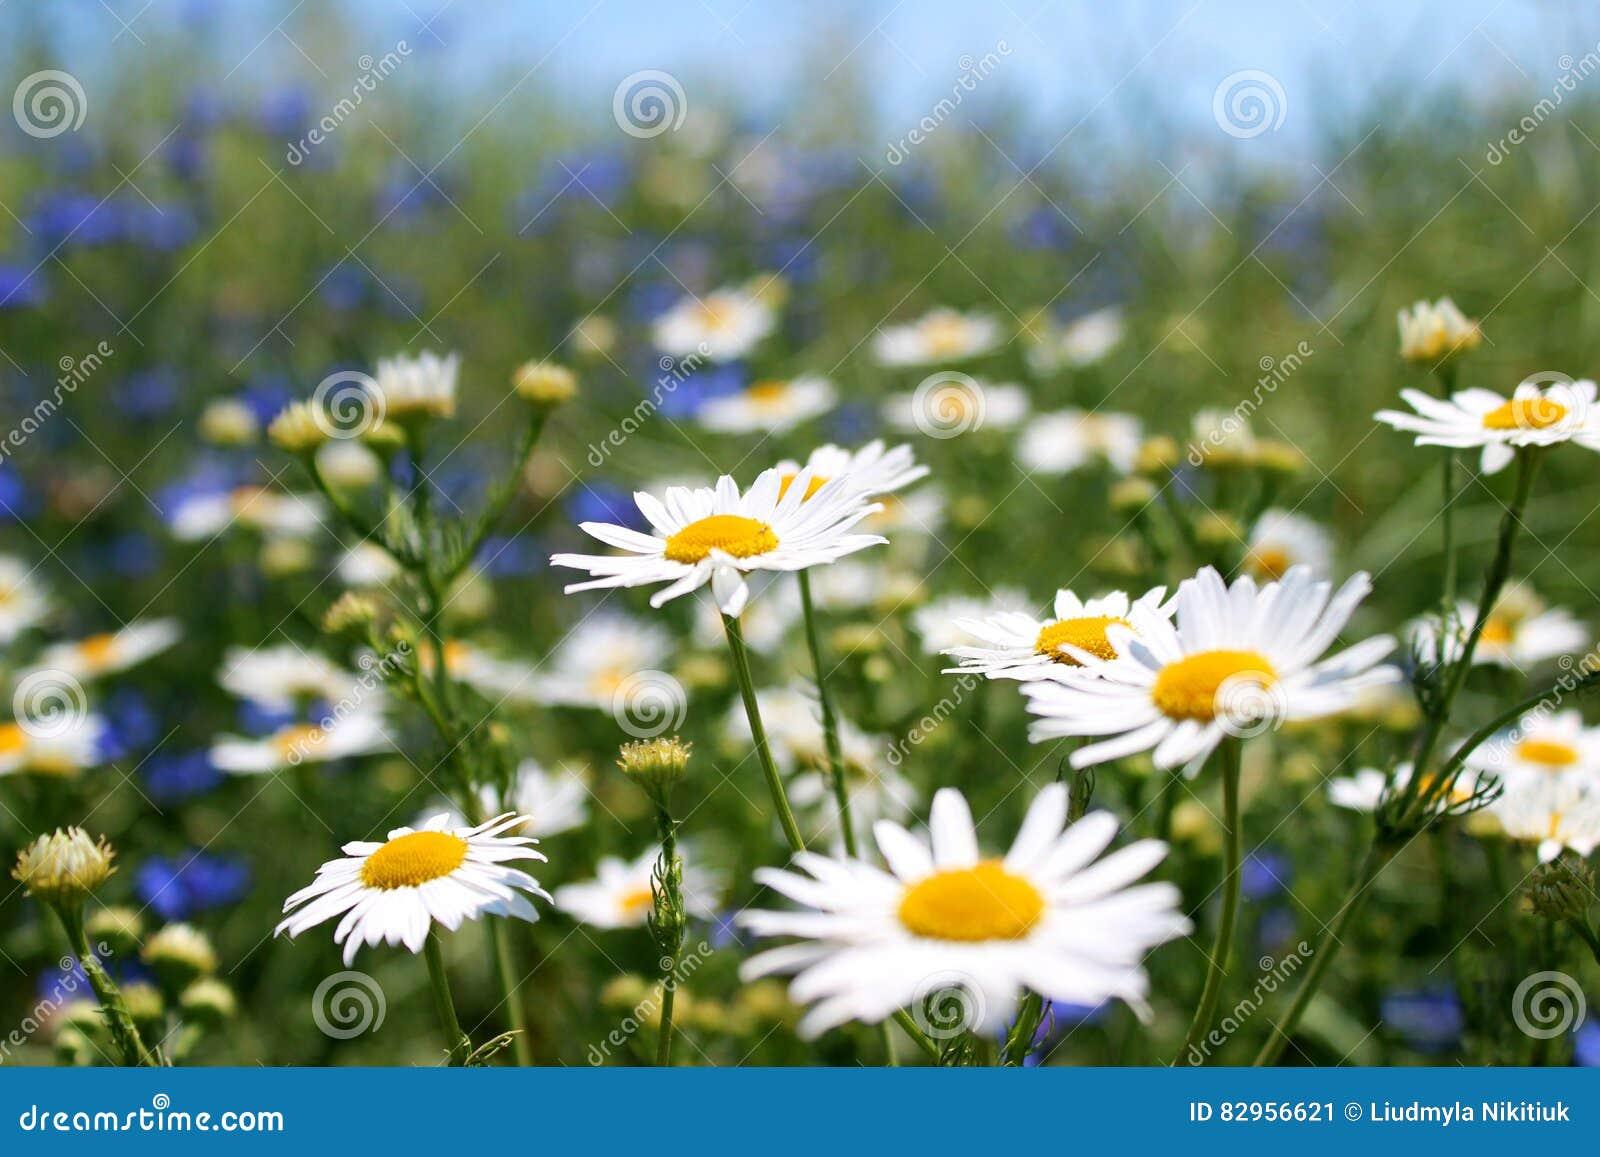 Άγριες μαργαρίτες, πολλά θολωμένα λουλούδια στον τομέα, camomile